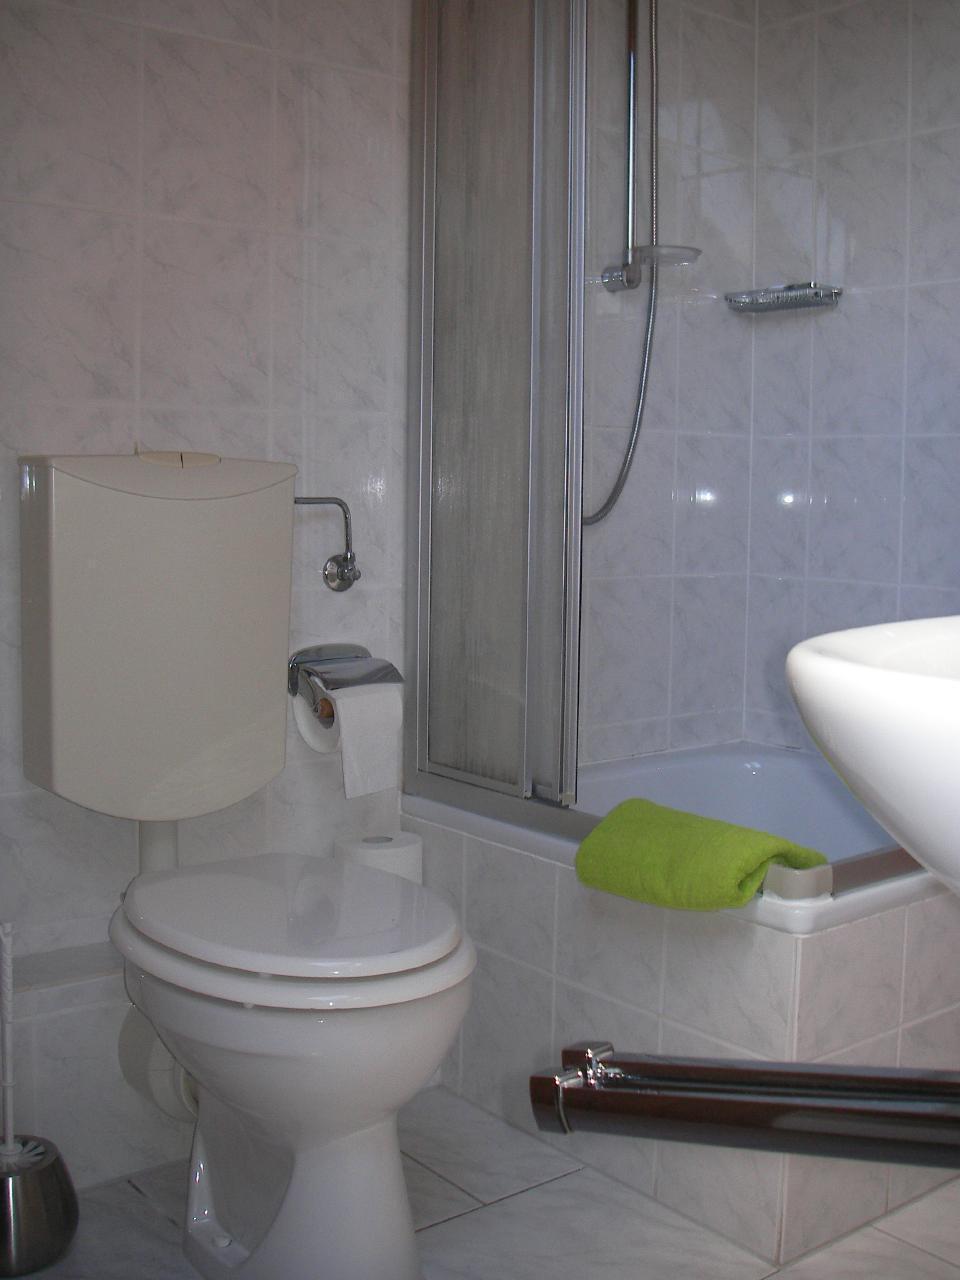 Ferienwohnung Haus Hilde Wohnung 2 (993407), Presseck, Frankenwald, Bayern, Deutschland, Bild 33